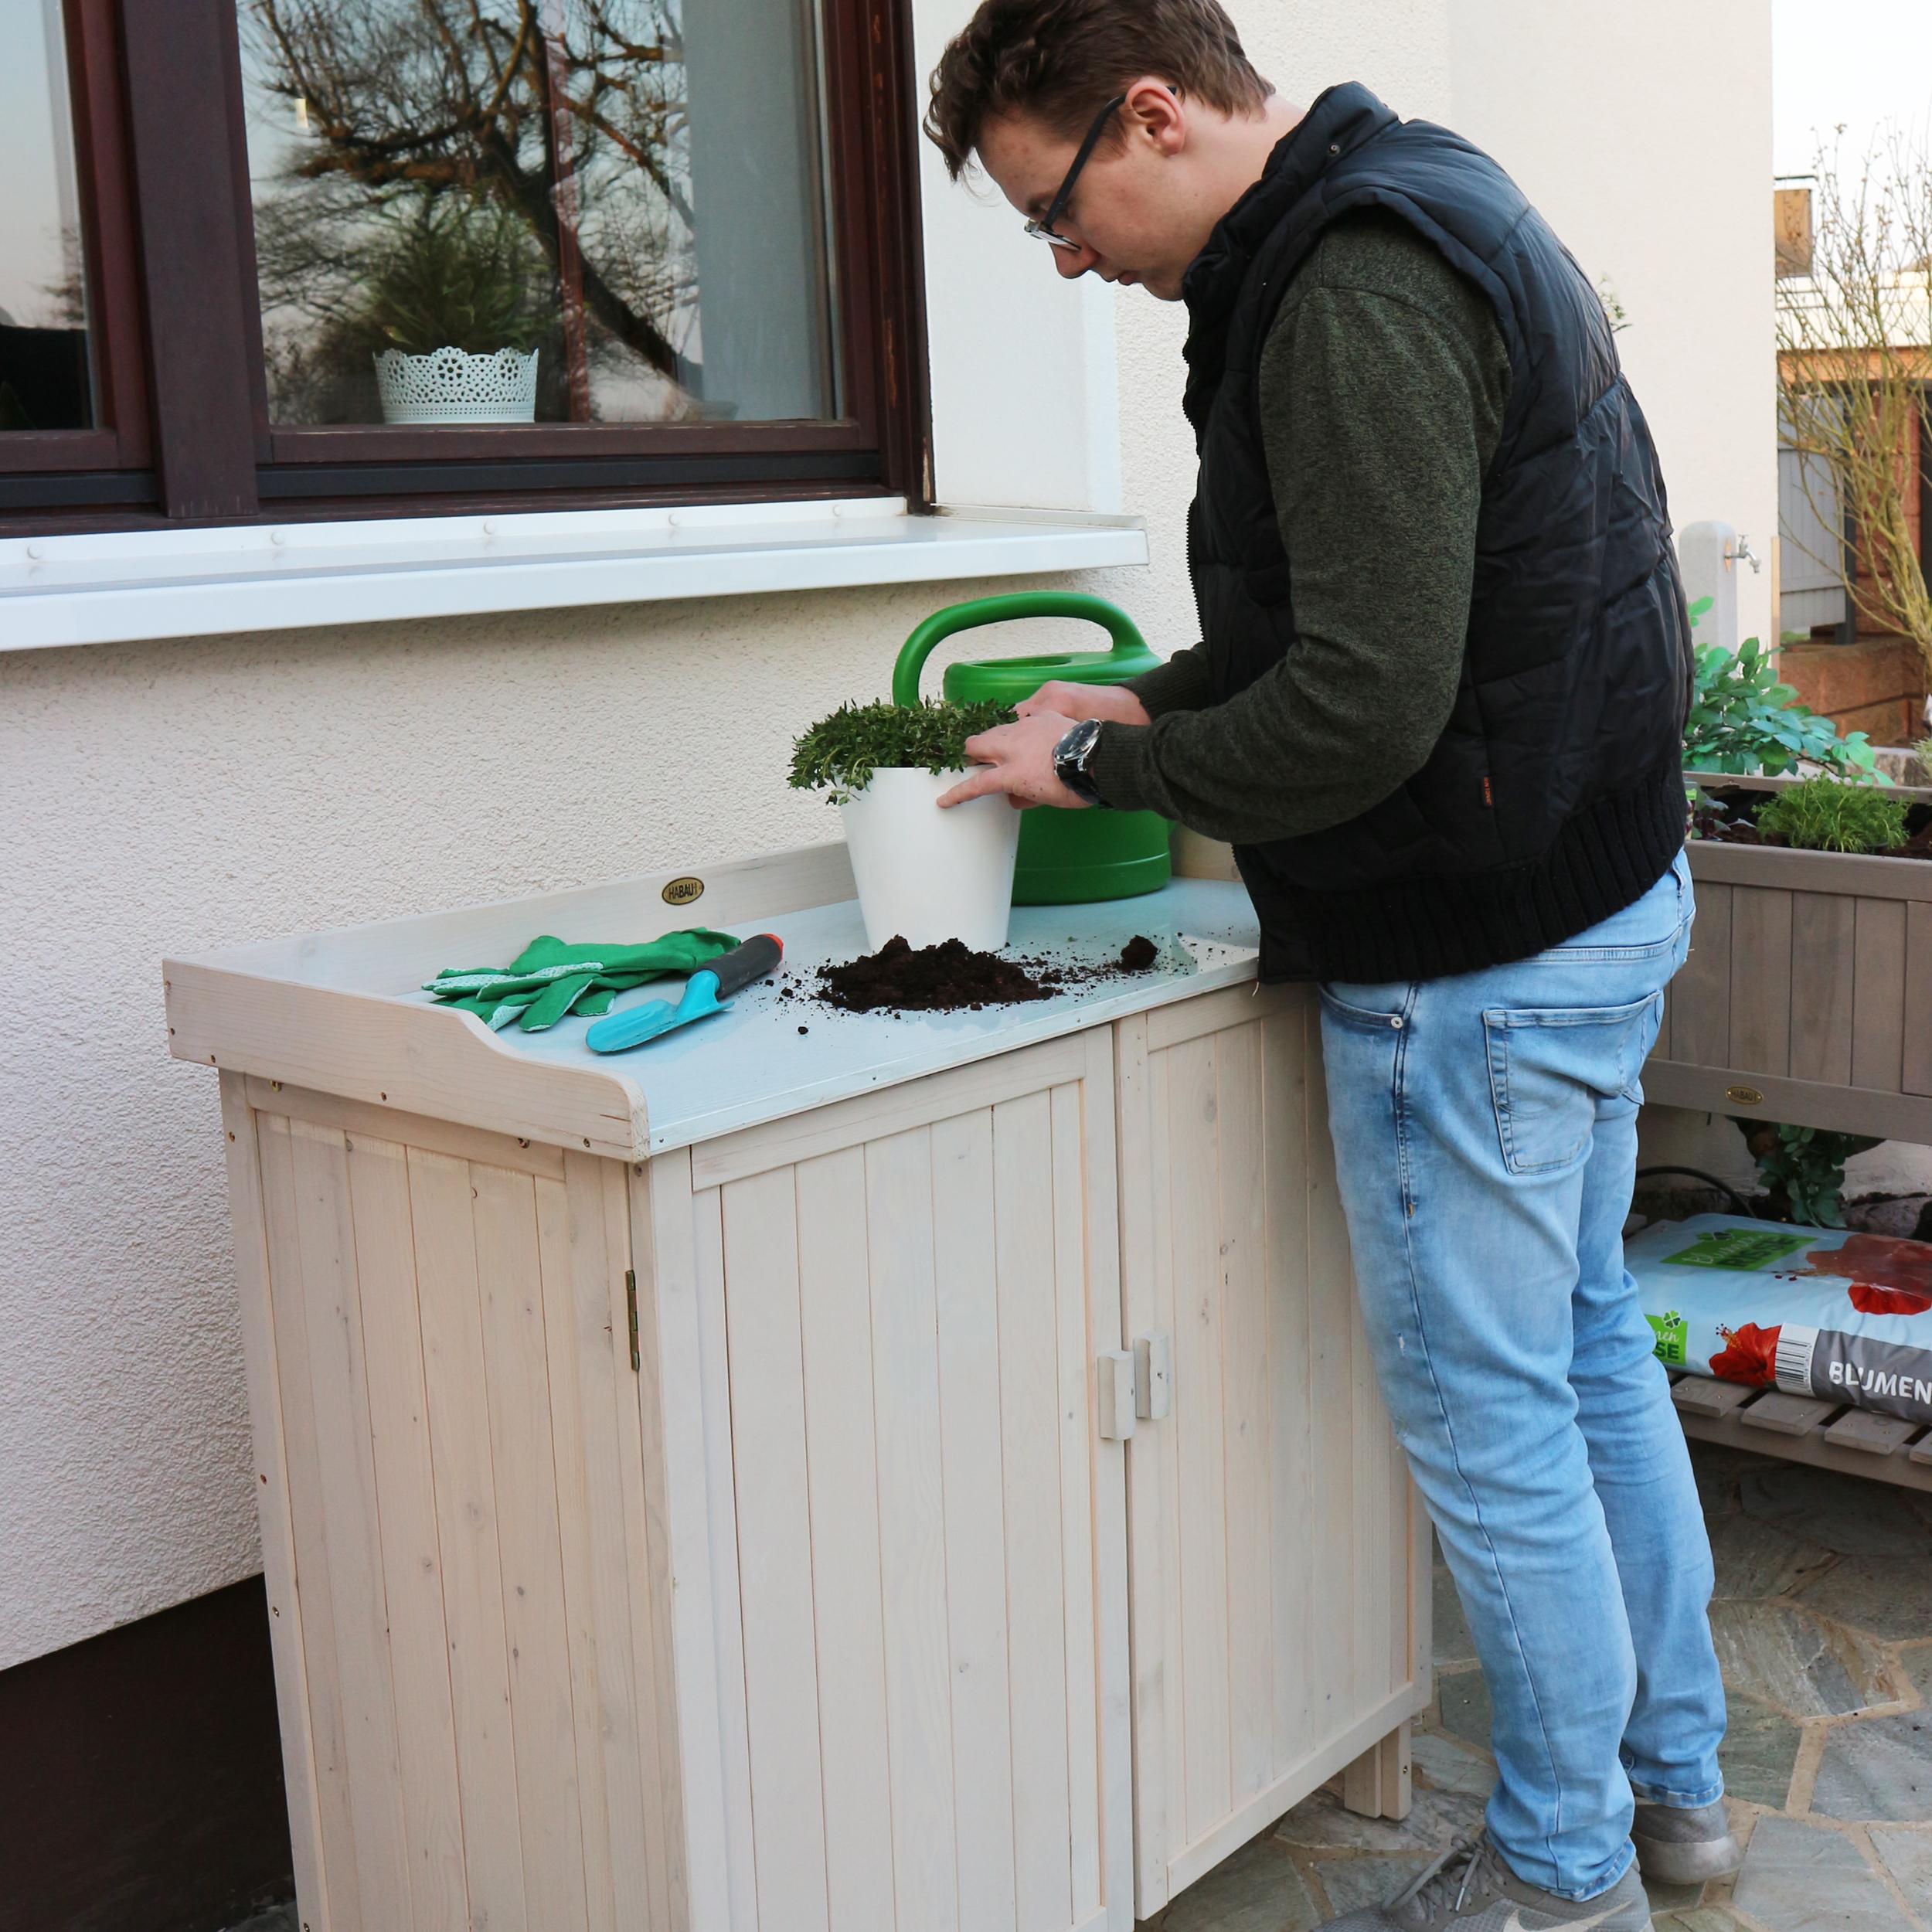 HABAU Gartentisch Lino mit Unterschrank - Anwendungsbeispiel - 3095